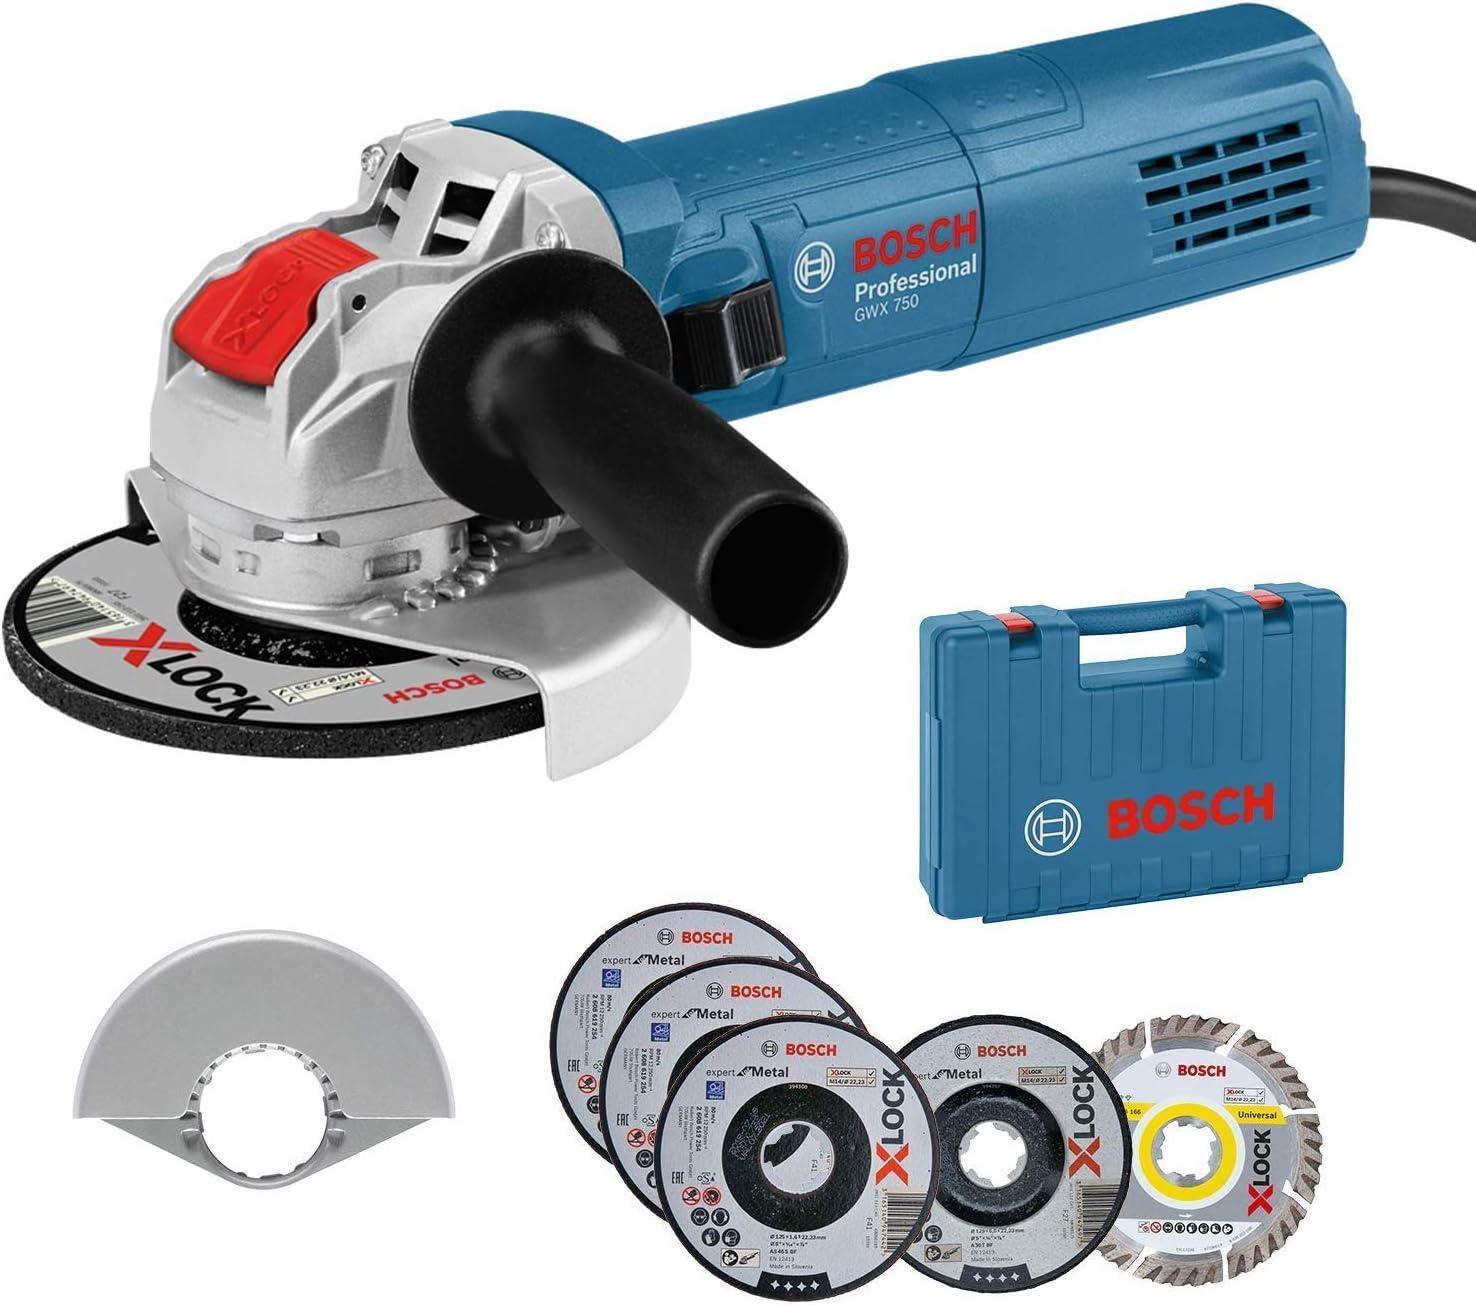 Bosch Professional Amoladora Angular GWX 750-125 (disco Ø 125 mm, incl. juego de discos de corte y de amolado de 5 piezas, cubierta protectora 125 mm, en maletín) - Amazon Edición